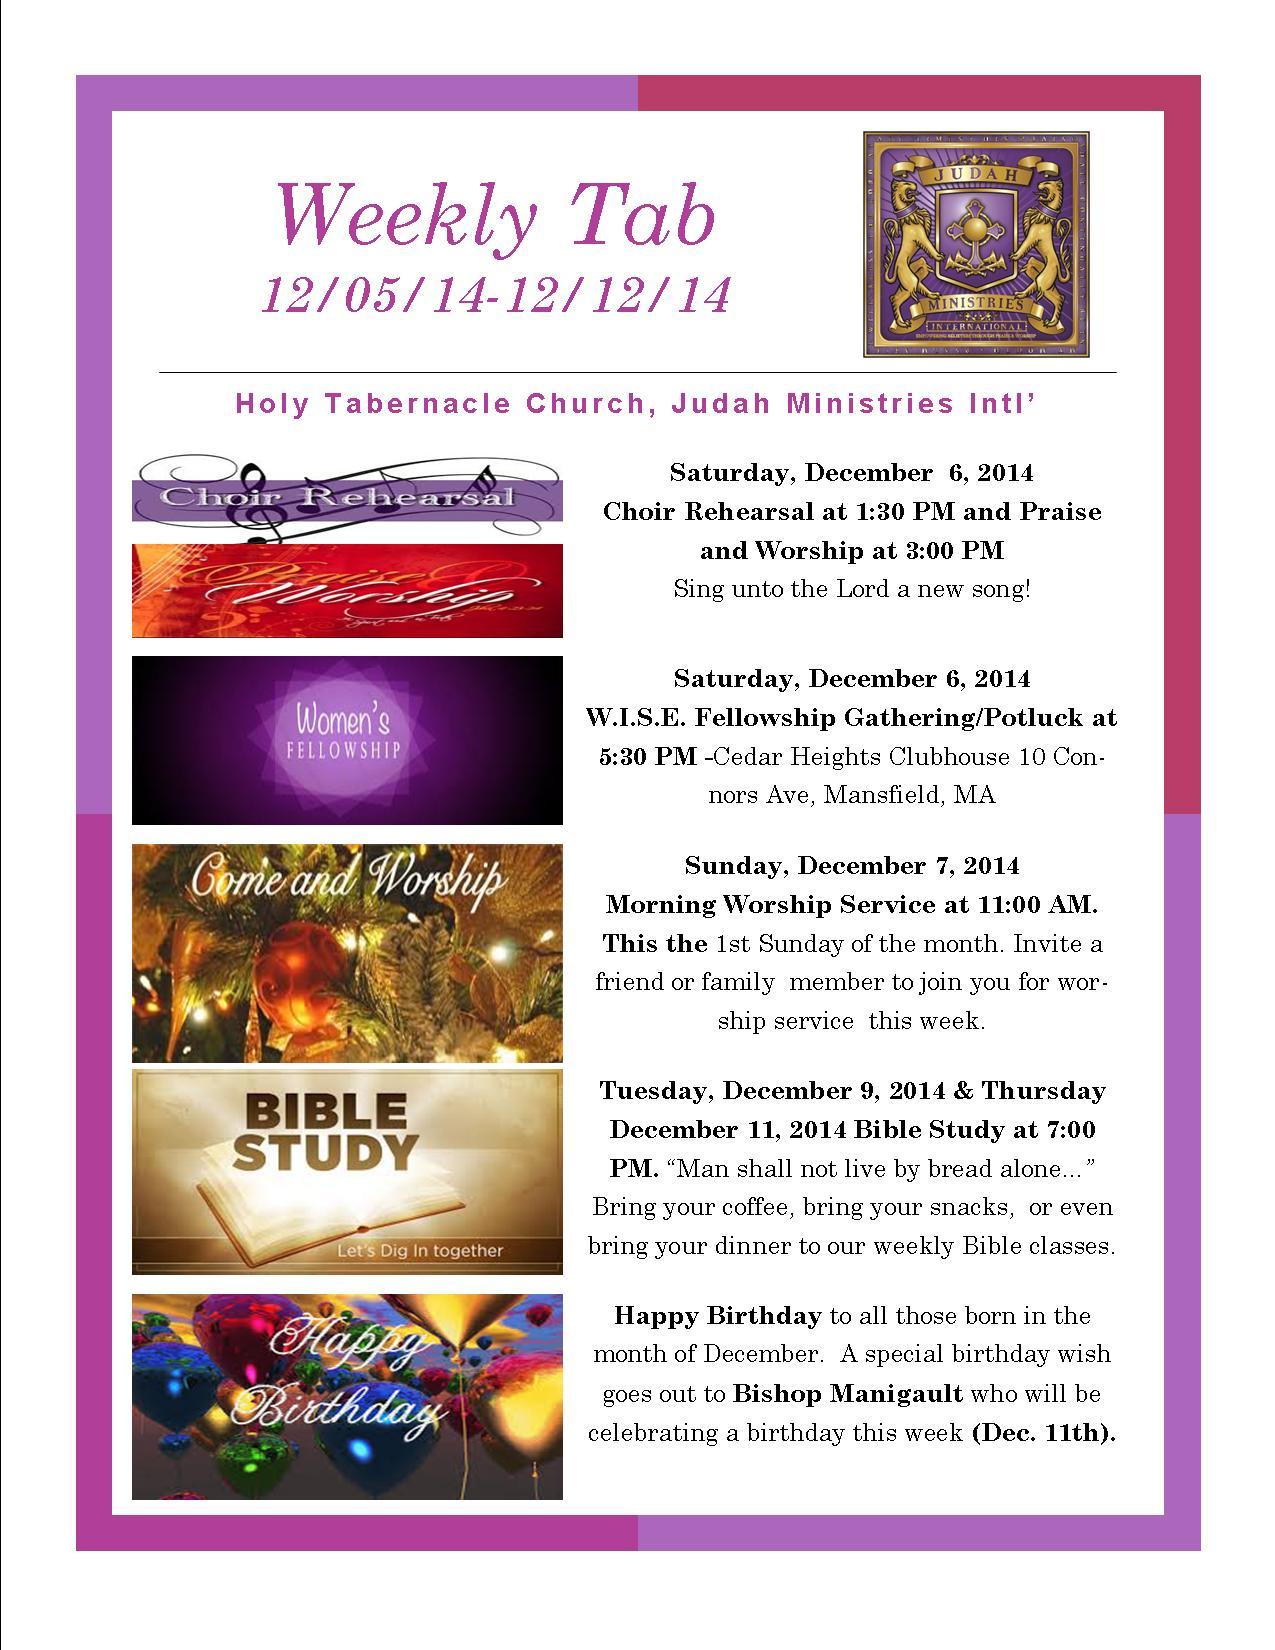 Weekly Tab 12.05.14